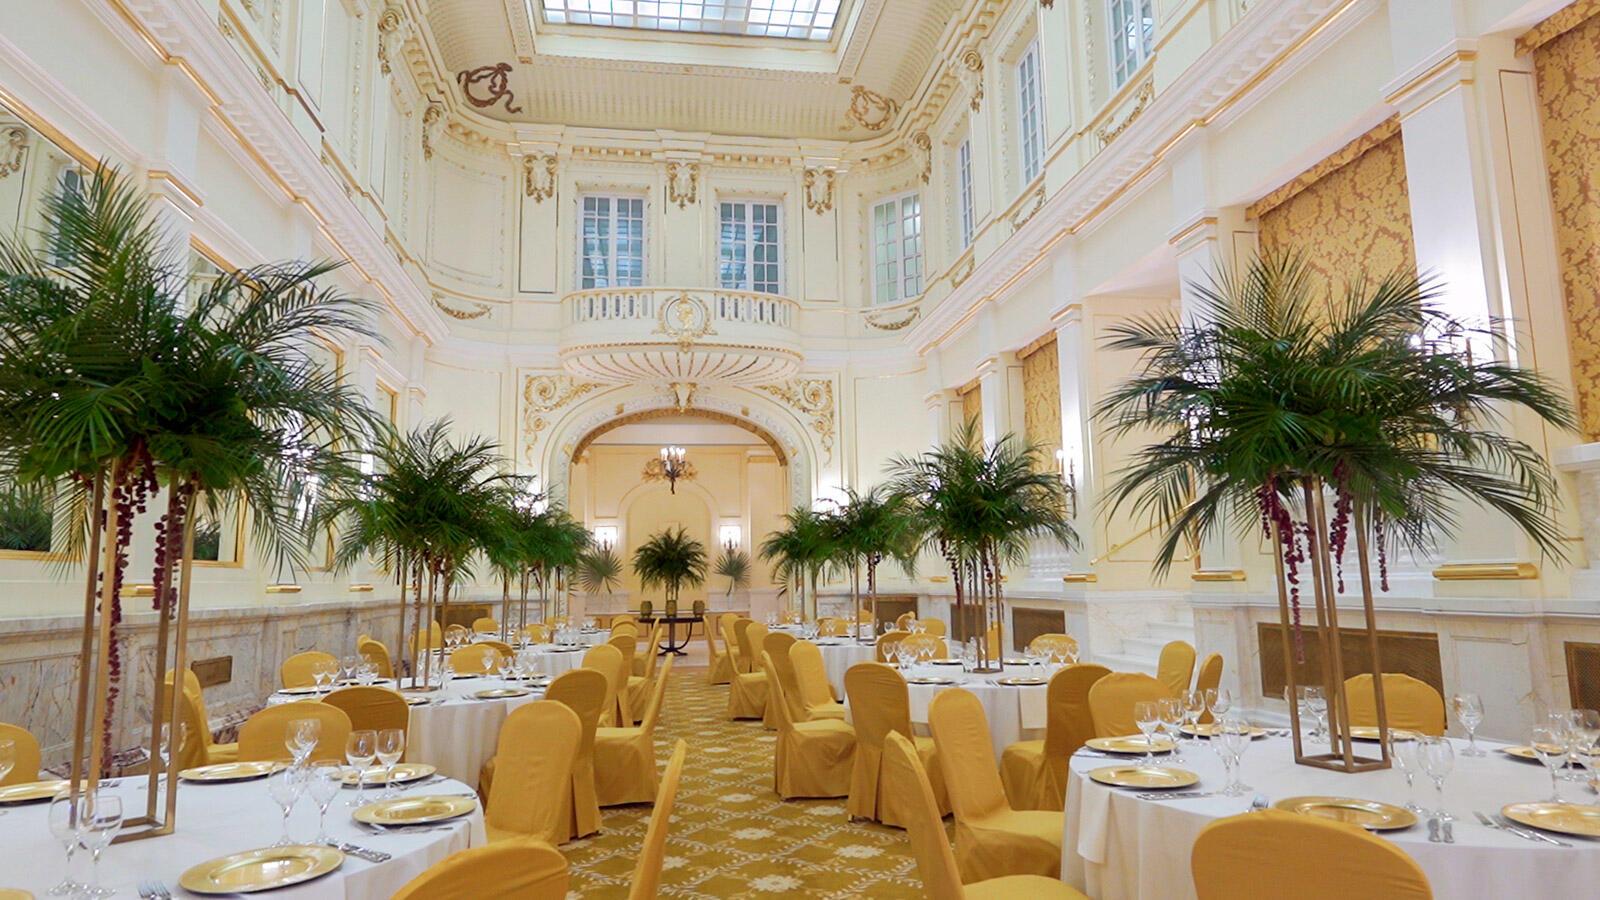 Banquet Hall at Polonia Palace Hotel, Warsaw